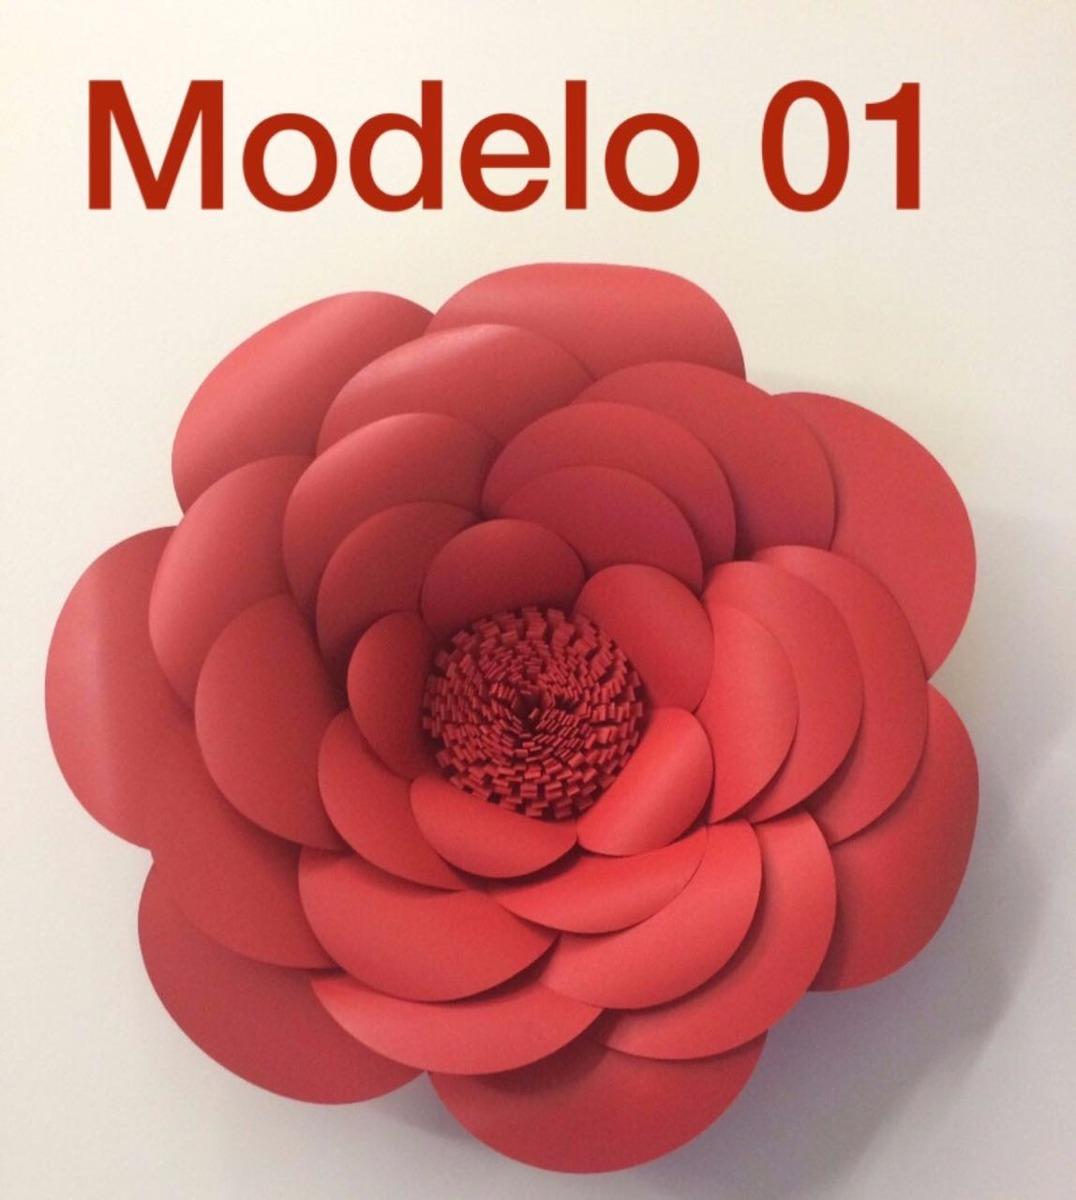 flores gigantes moldes digitais svg silhouette r 12 99 em